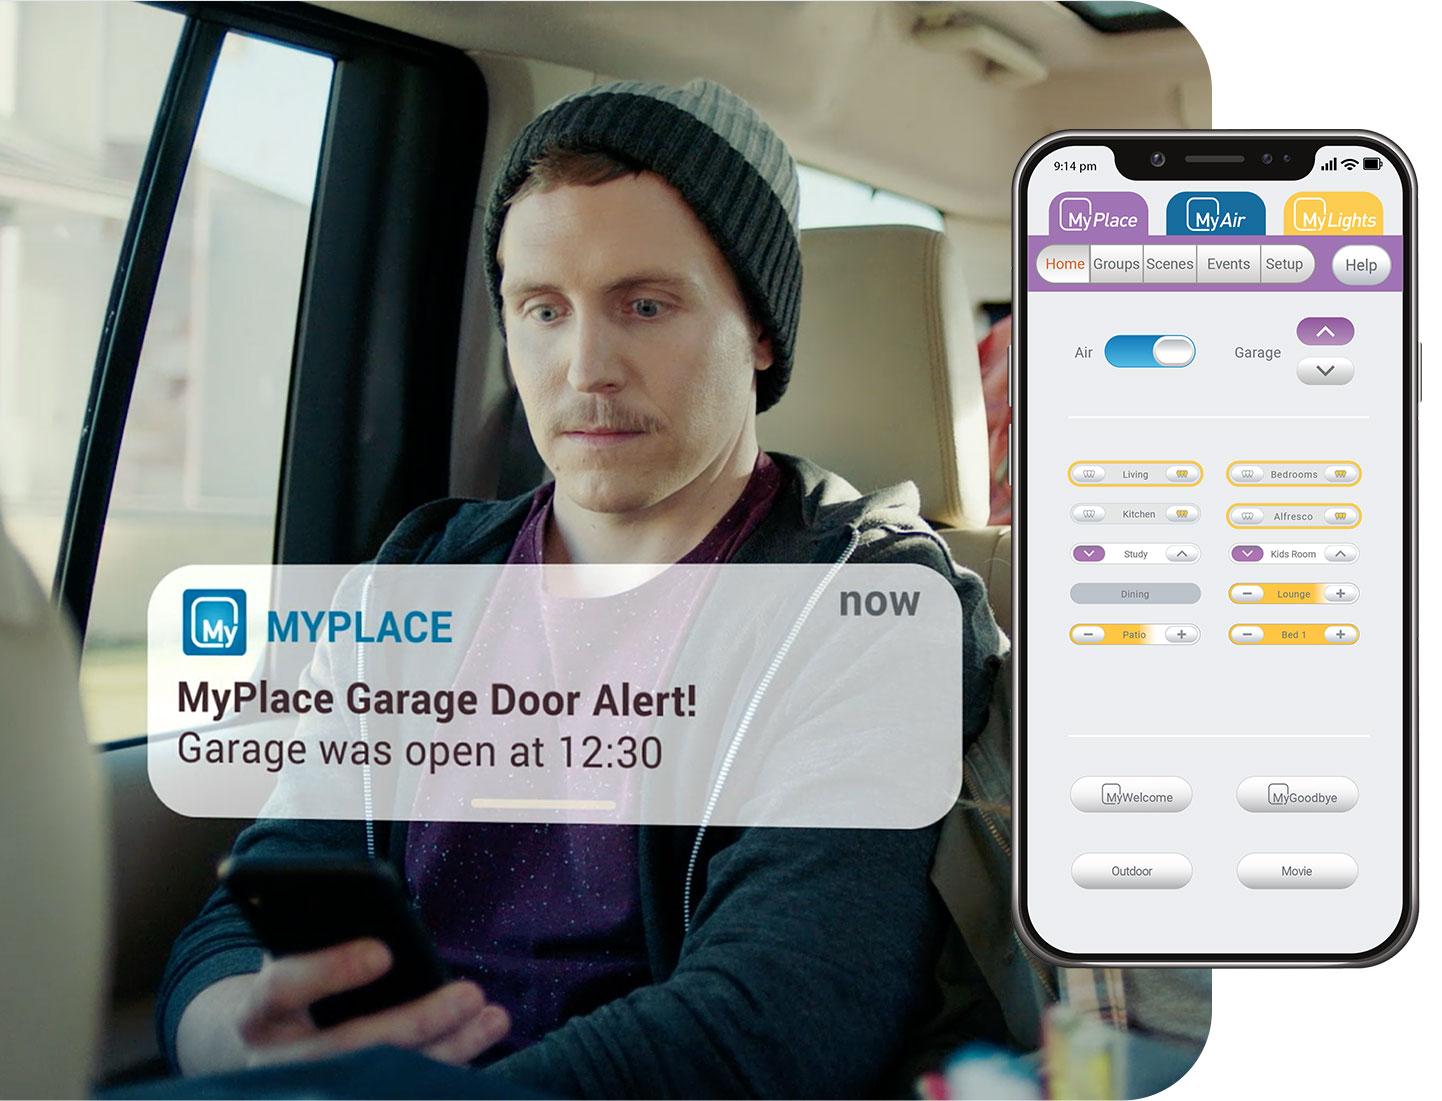 Shocked man receives notification he left his garage door open